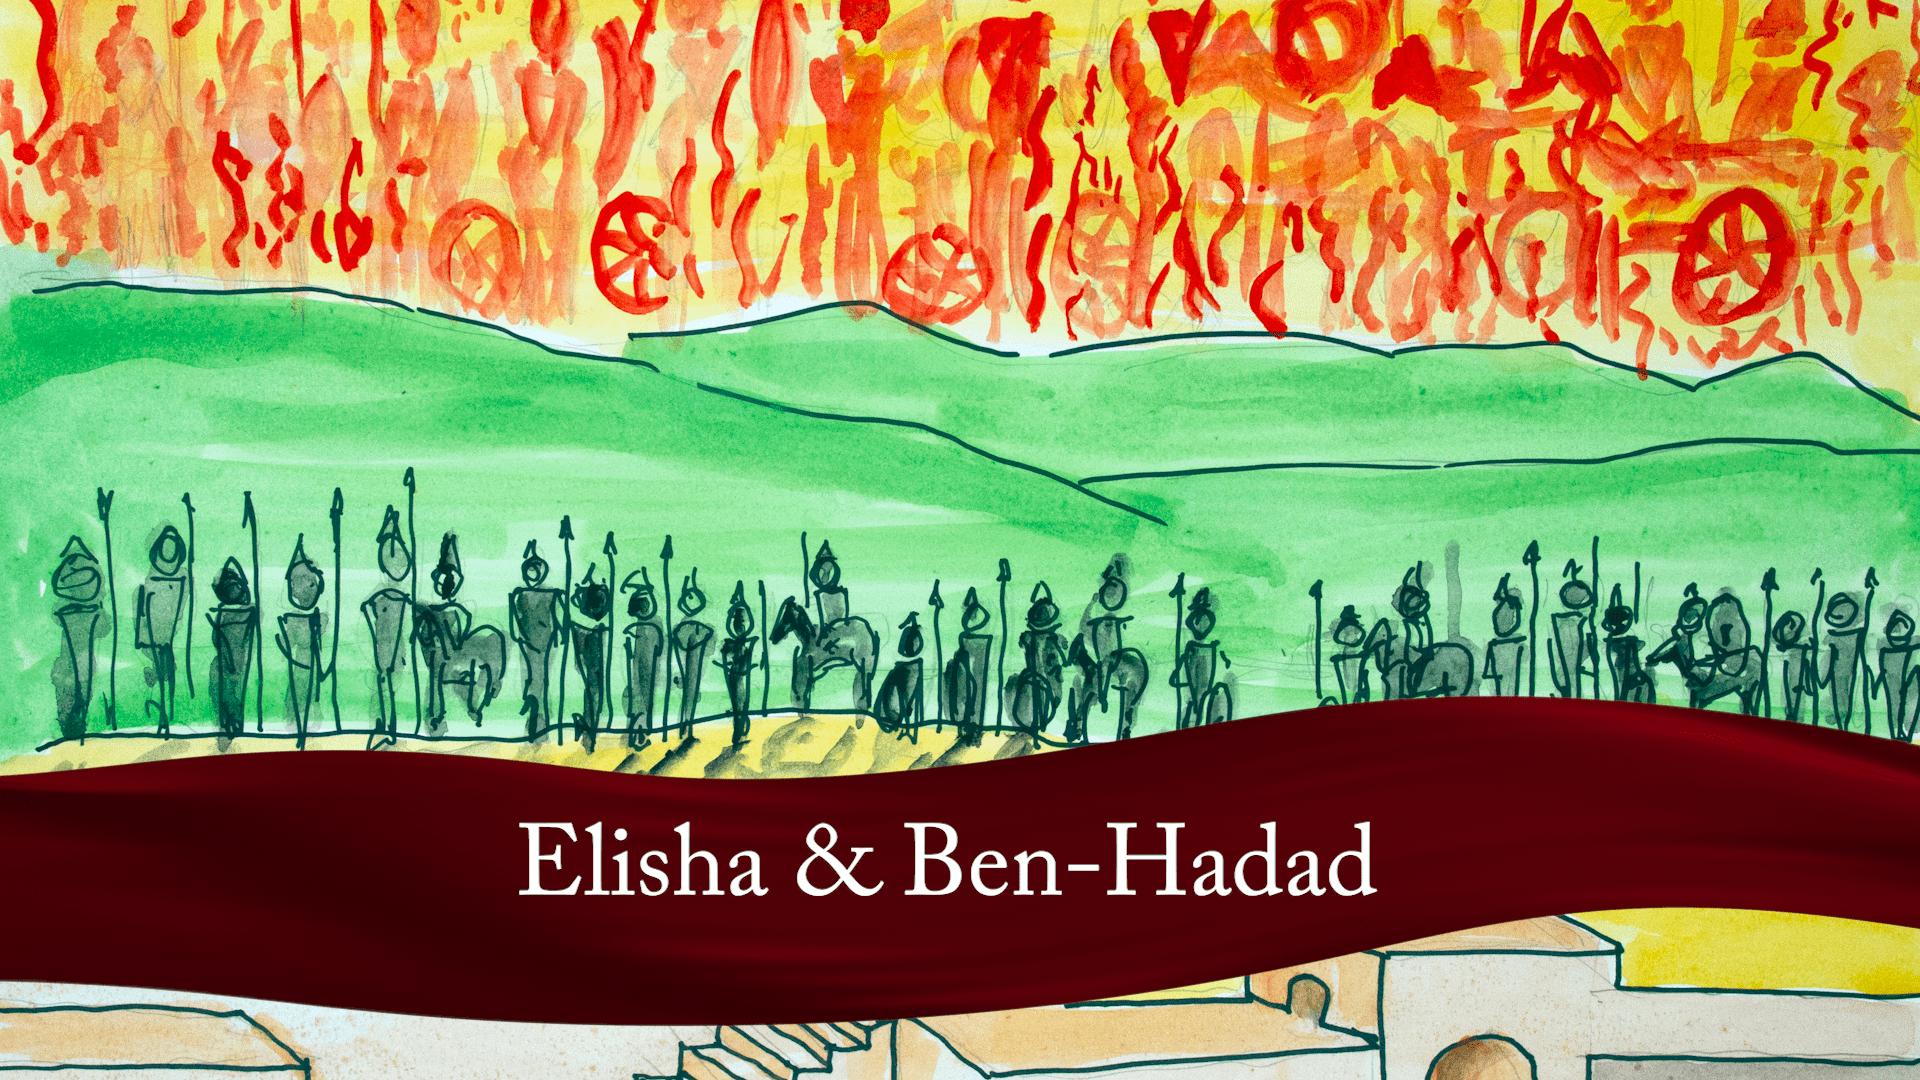 Elisha & Ben-Hadad